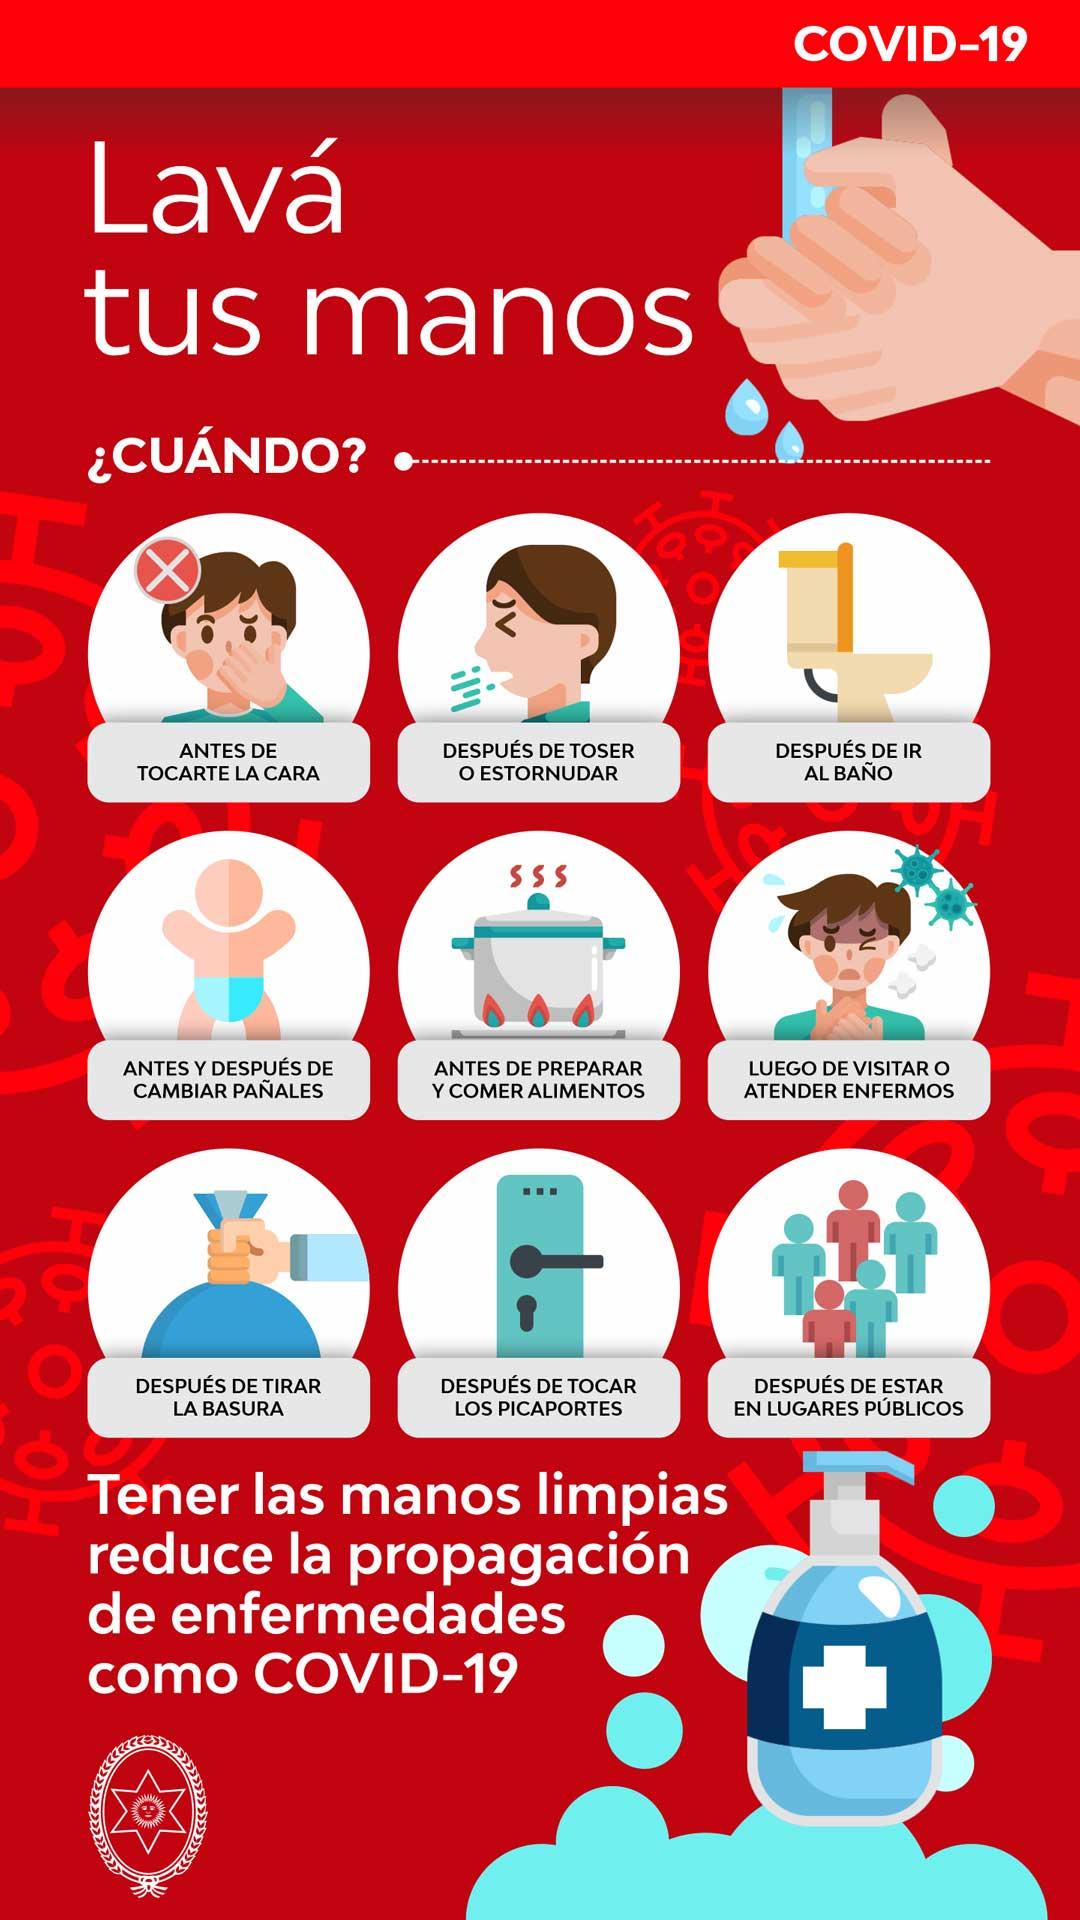 Foto de afiche cuándo, manos limpias reducen el contagio del COVID-19 en Salta.